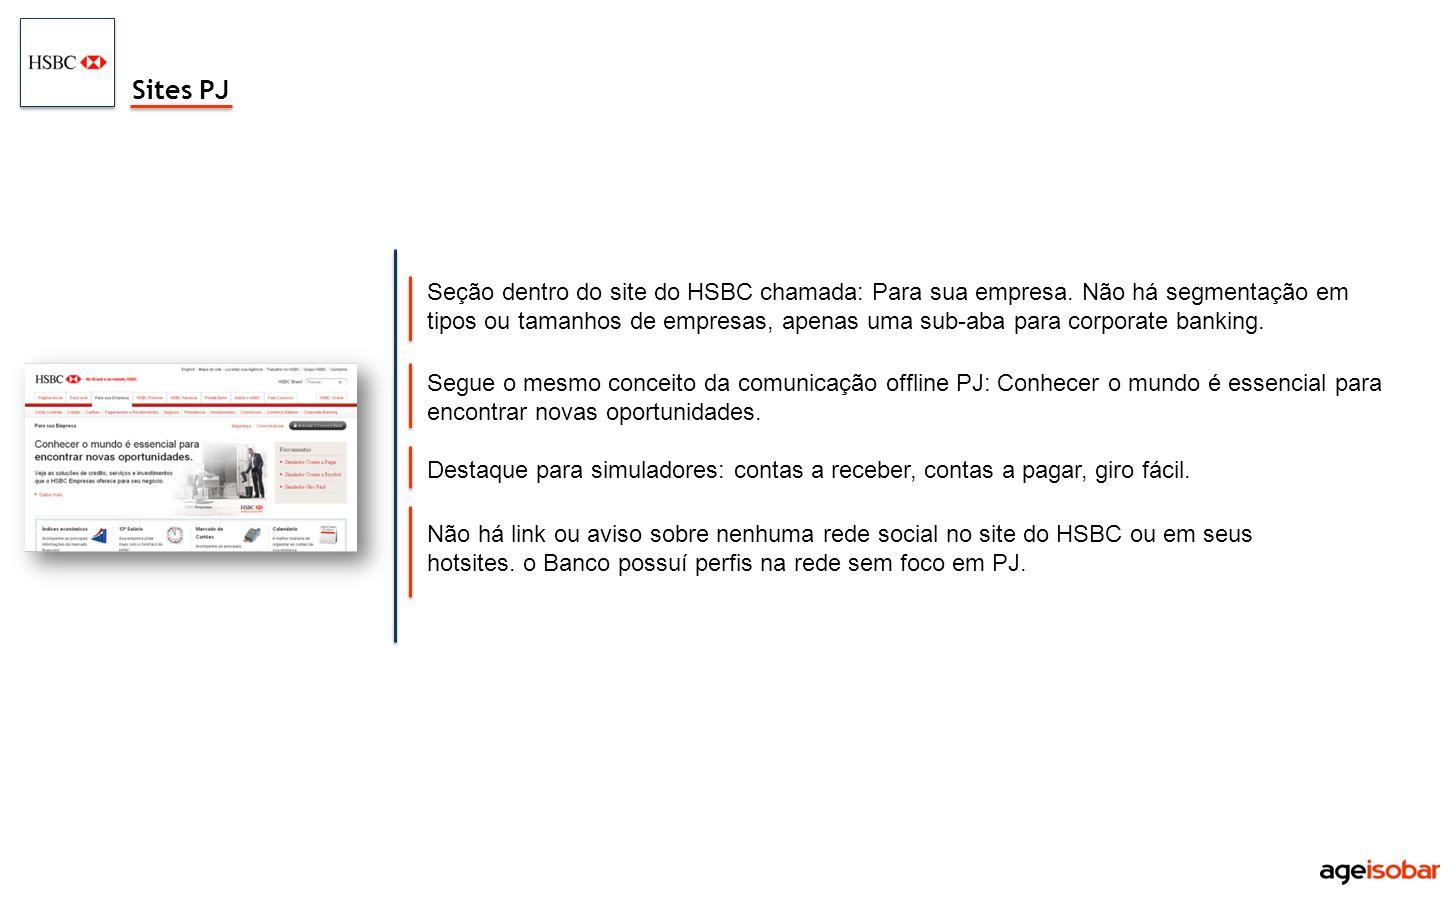 Seção dentro do site do HSBC chamada: Para sua empresa. Não há segmentação em tipos ou tamanhos de empresas, apenas uma sub-aba para corporate banking